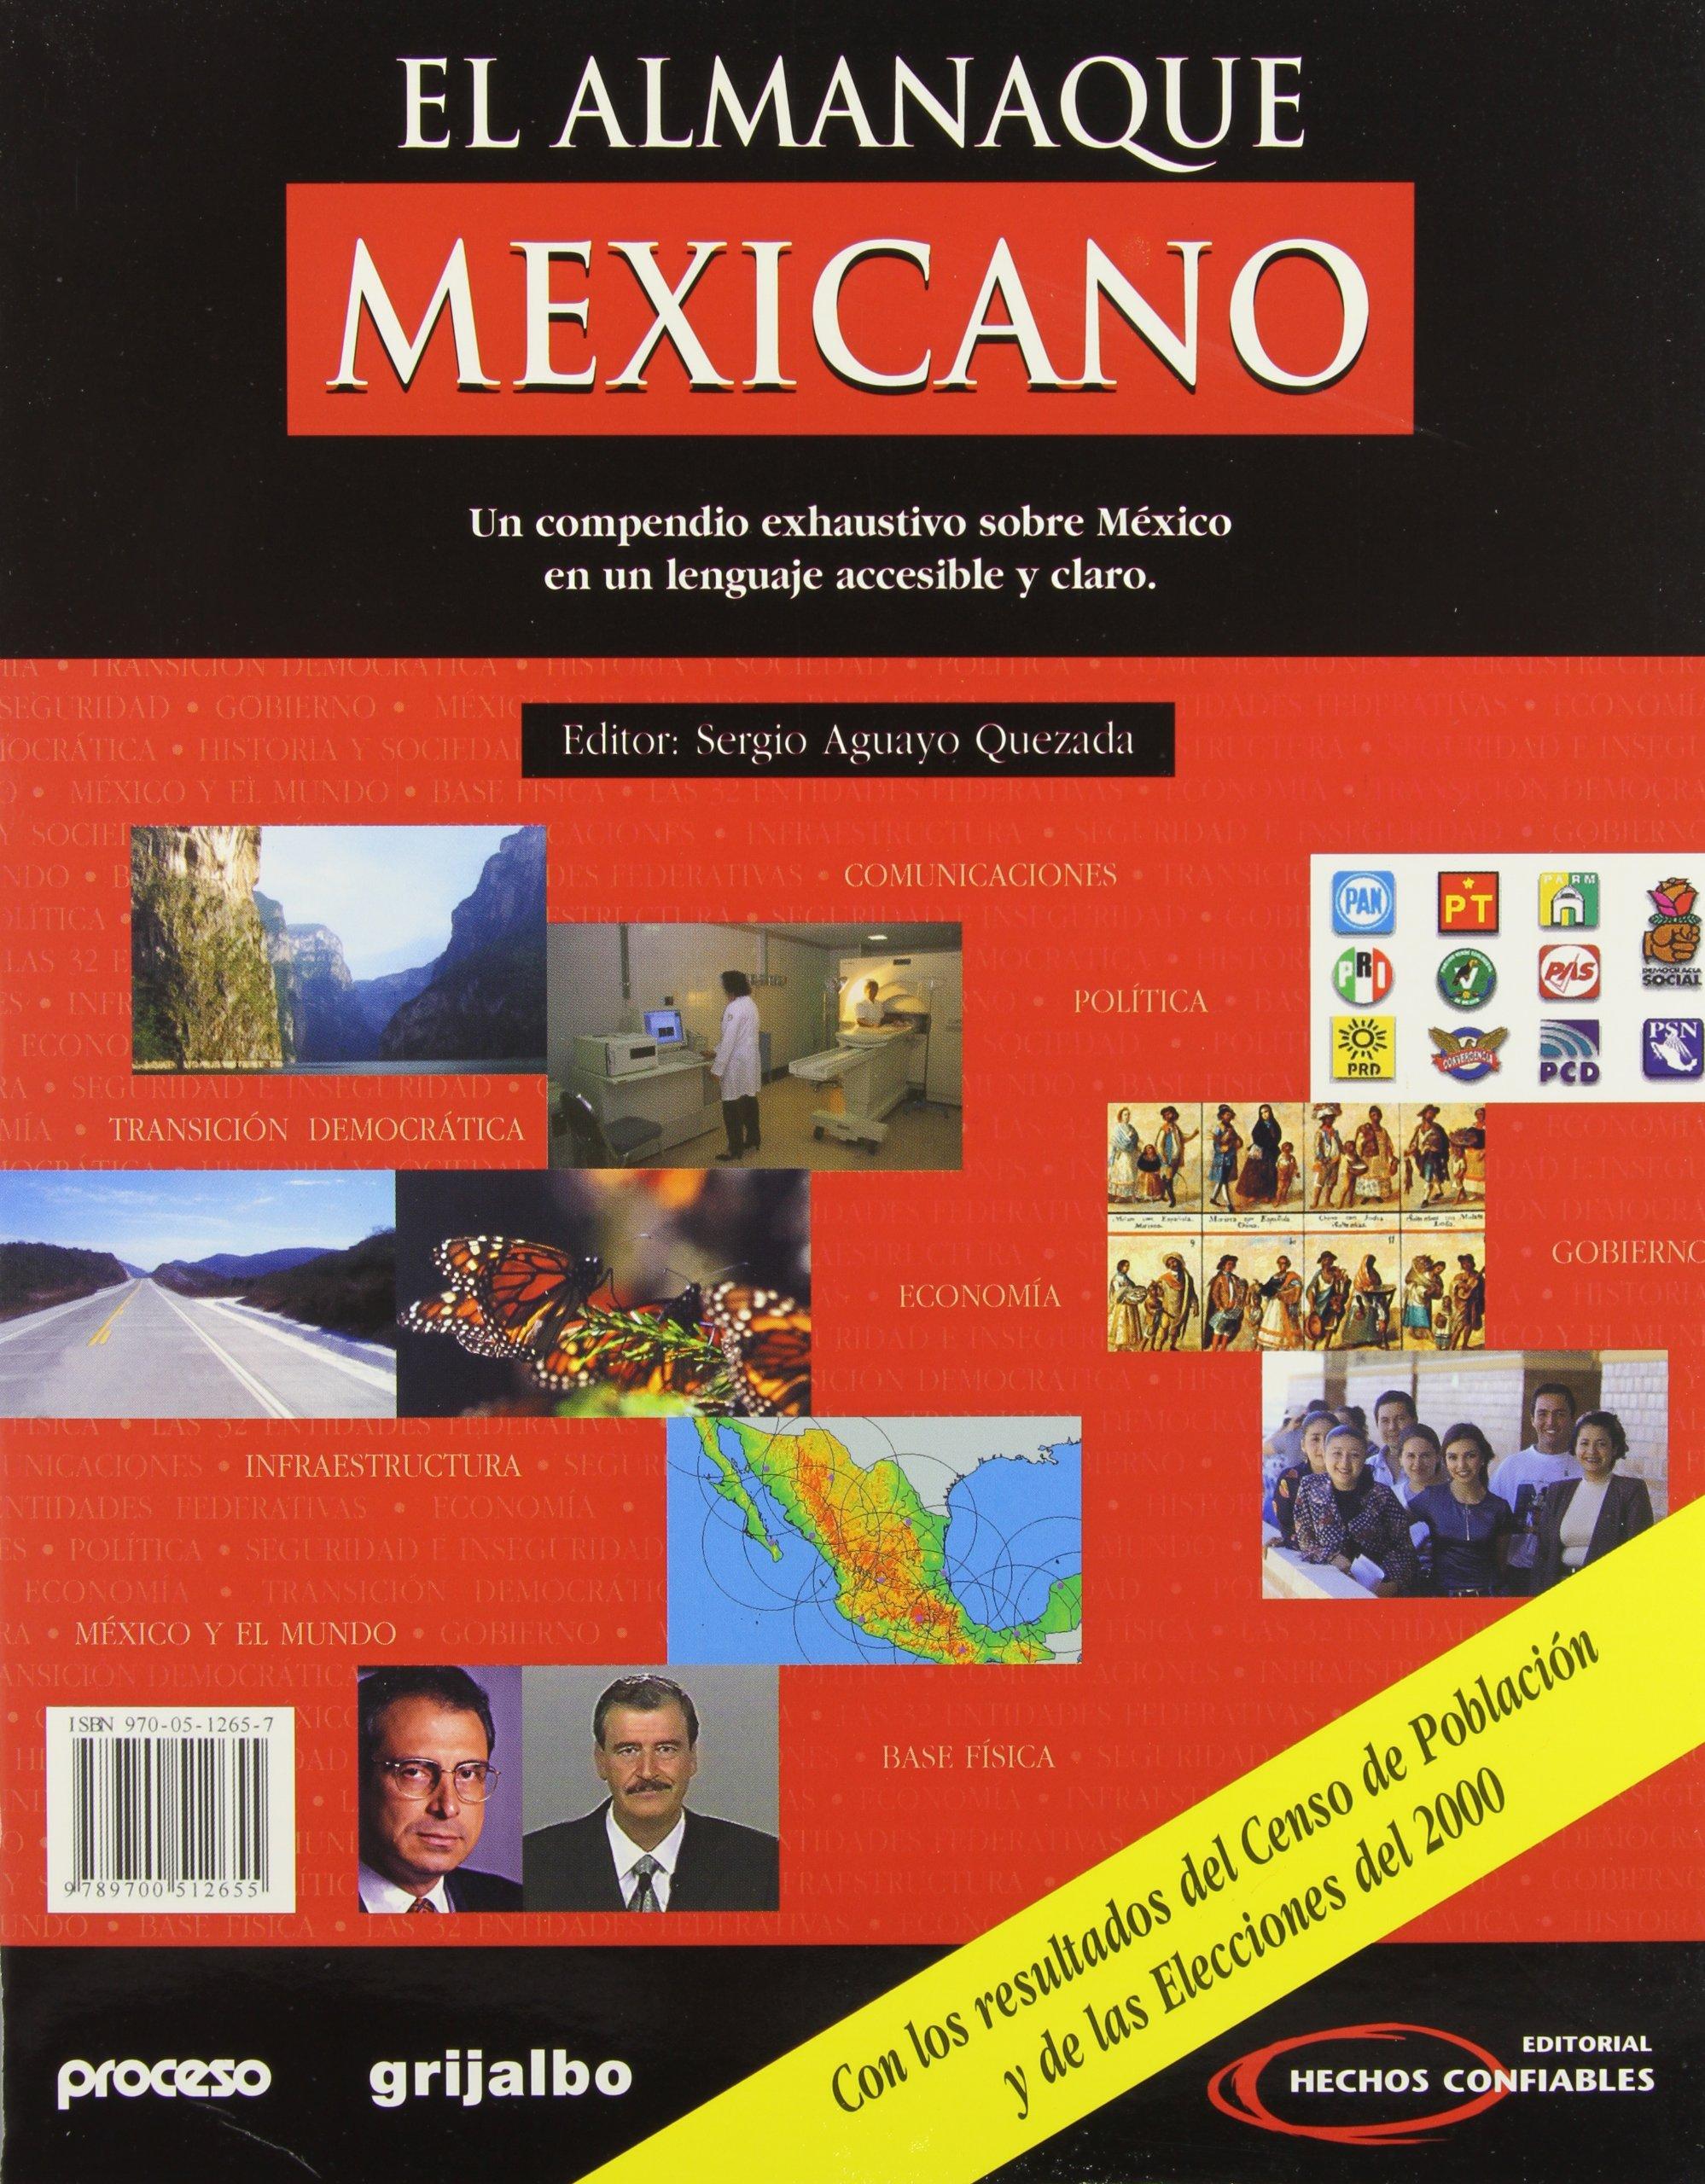 El Almanaque Mexicano: Un Compendio Exhaustivo Sobre Mexico en un Lenguaje Accesible y Claro (Spanish Edition) pdf